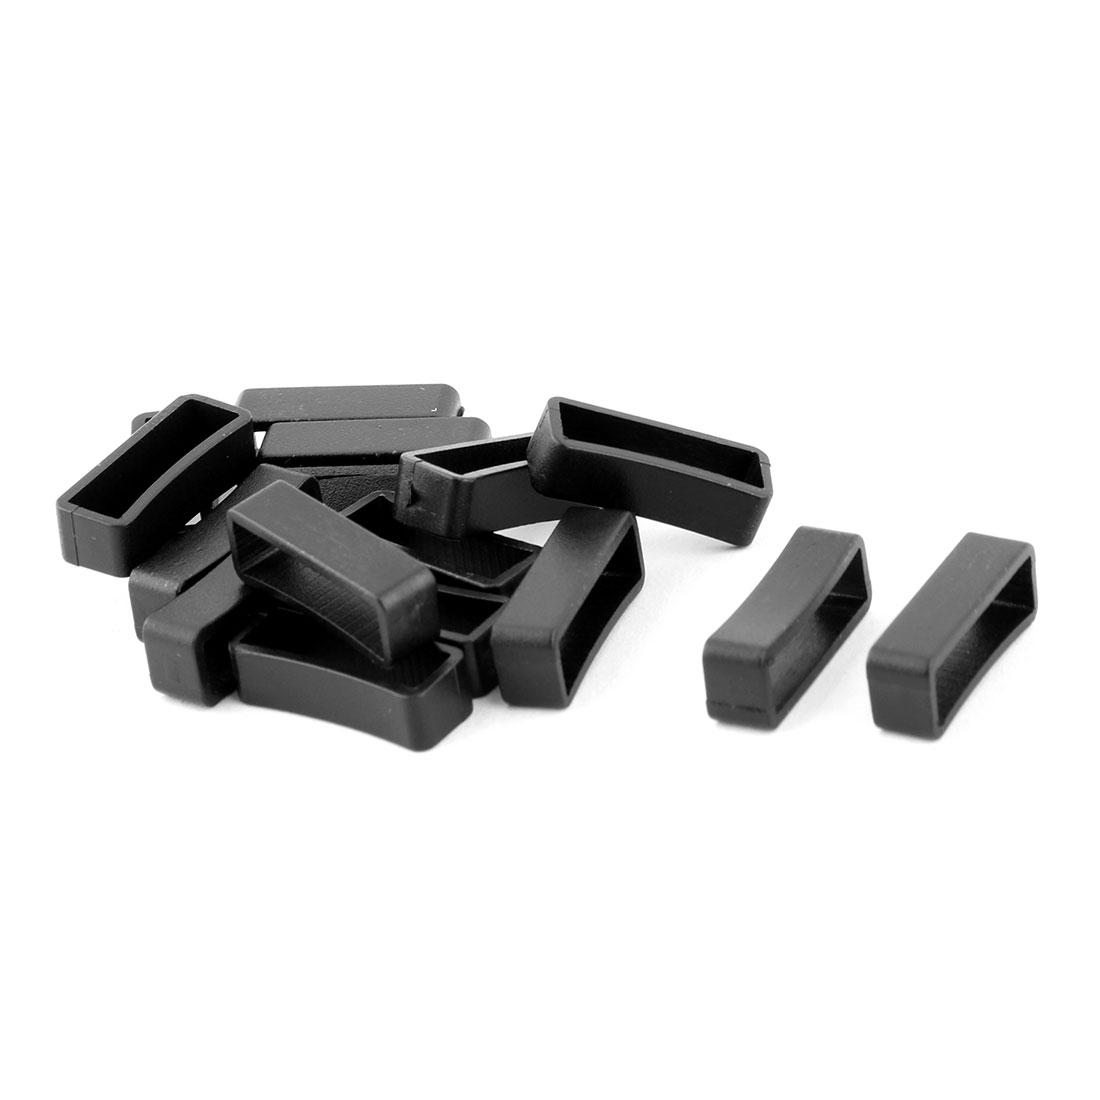 Household Plastic Bag Belt String Connector Buckle Black 17mm Strap Width 15pcs